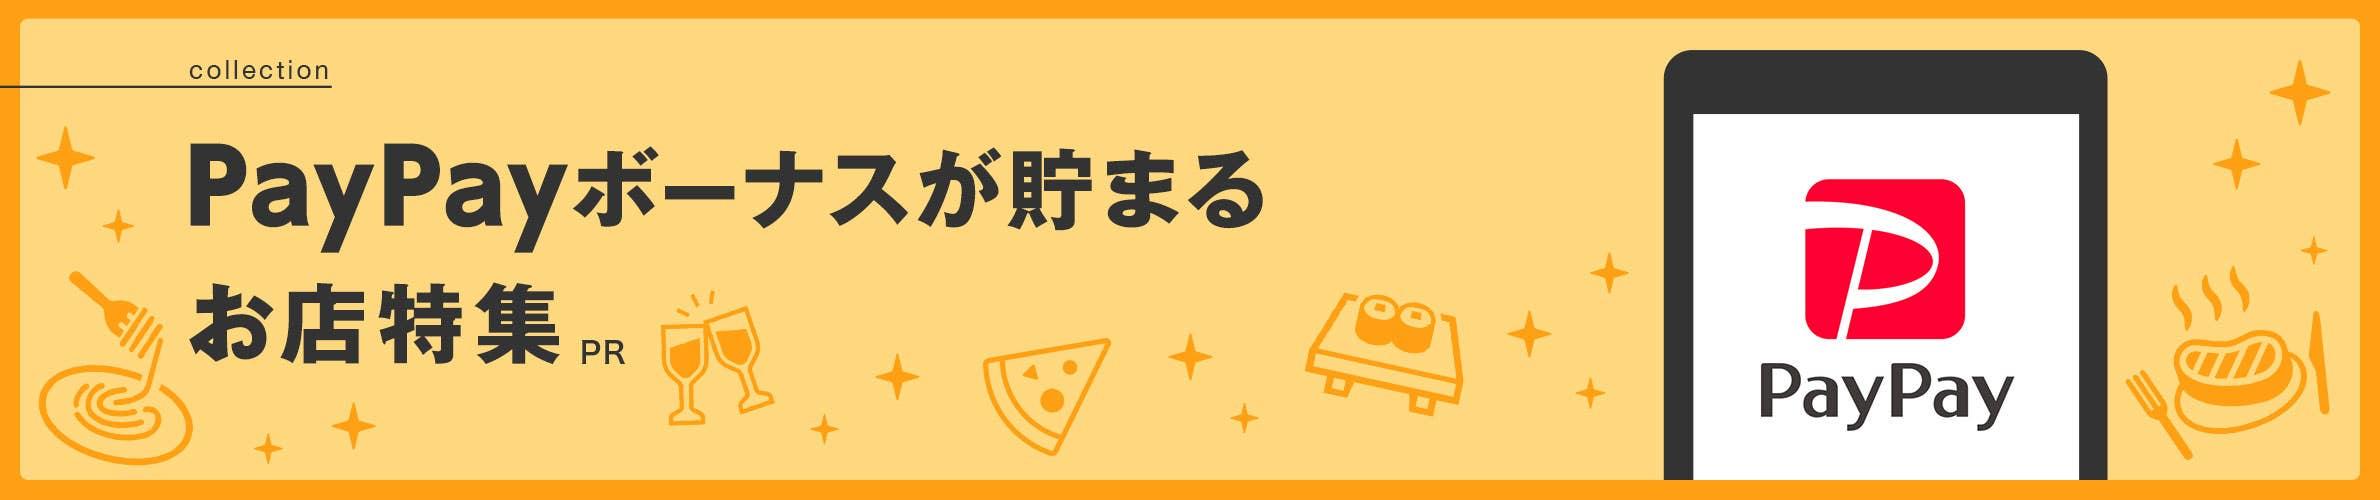 千葉県でおすすめPayPay貯まる特集[PR]